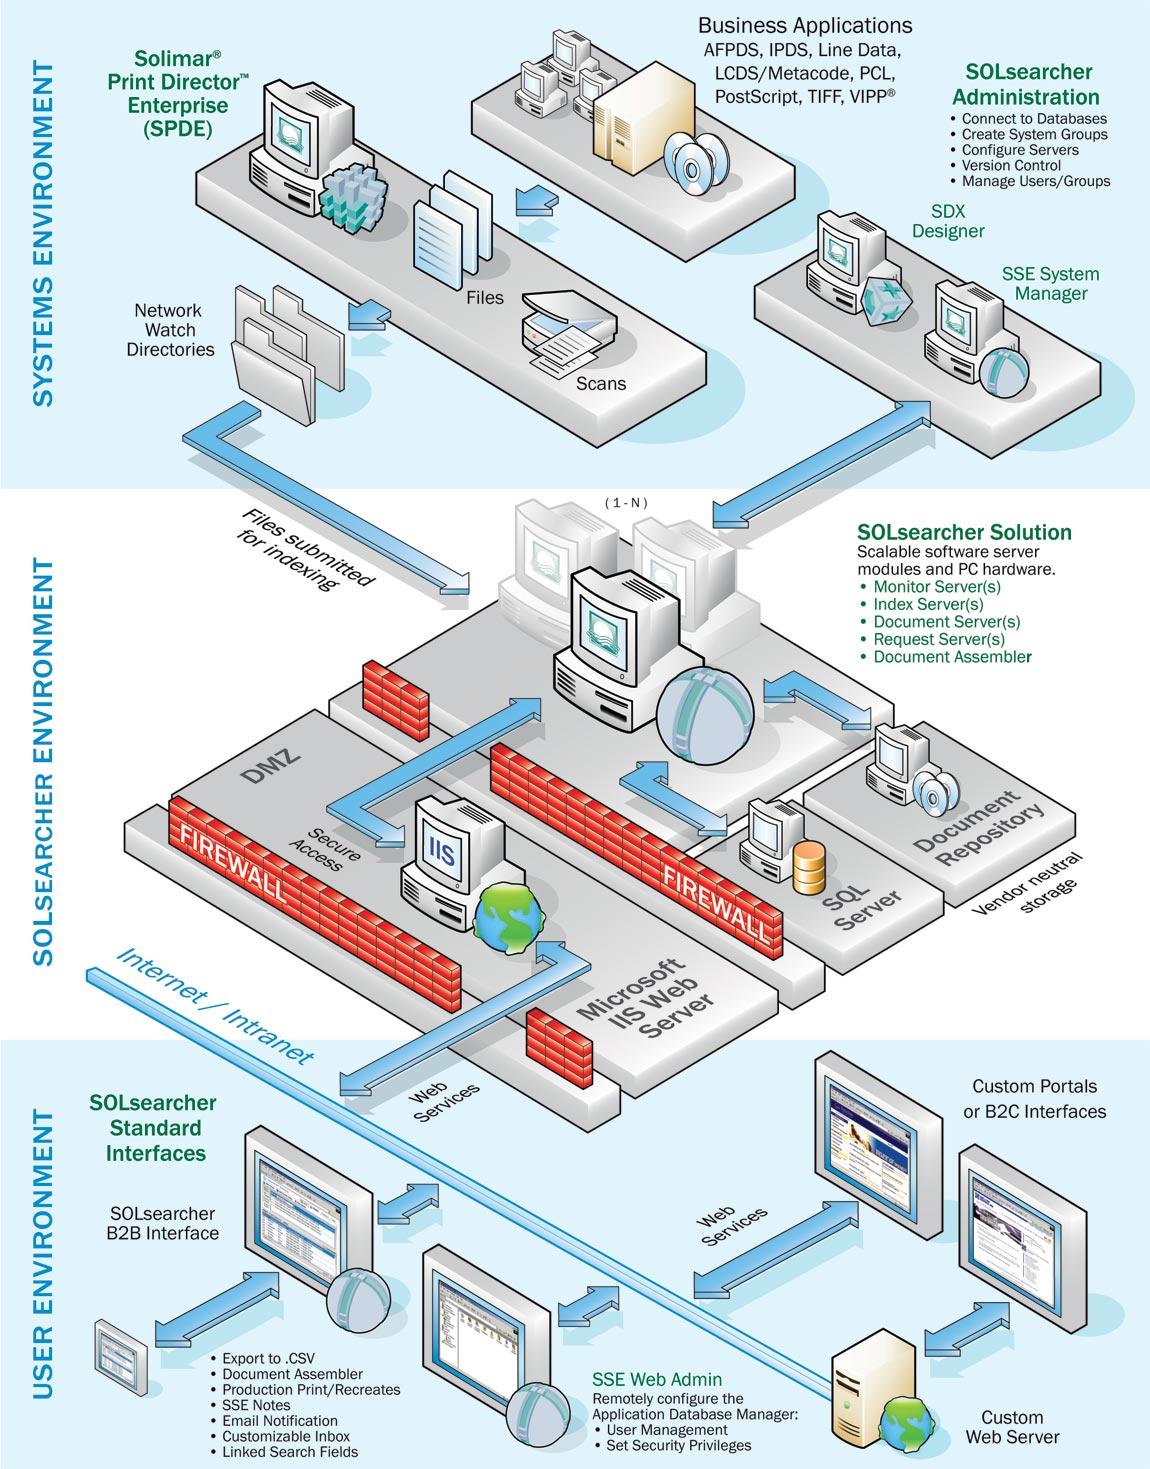 Solsearcher Enterprise Architecture Solimar Systems